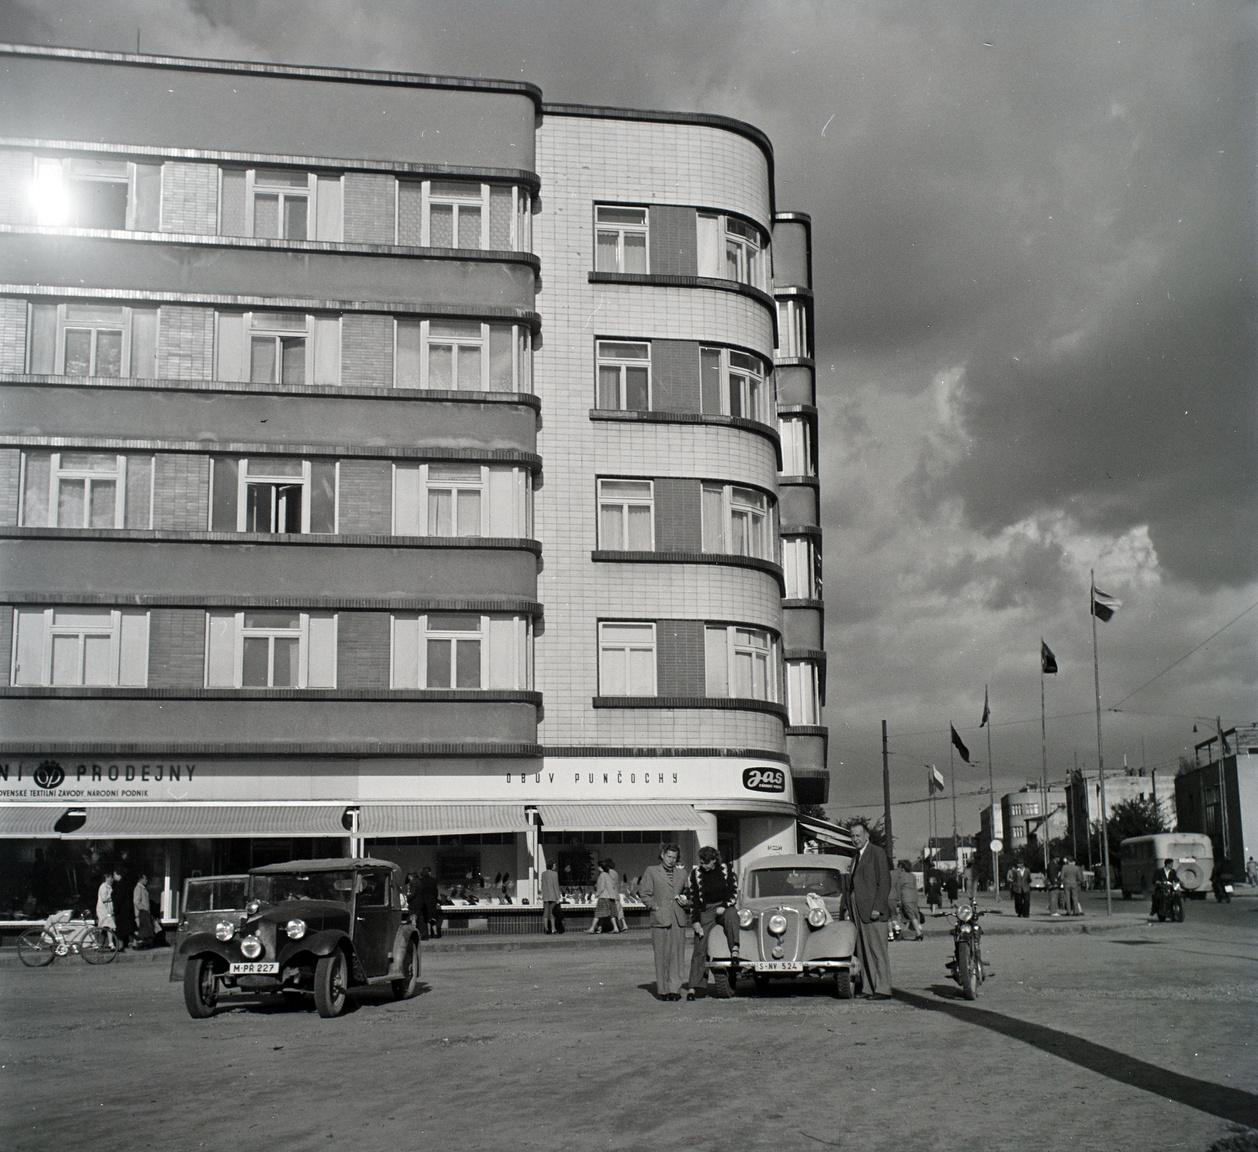 Feuer Helga szerint apja 1949-es csehszlovákiai családlátogatásán készült fotó, rajta egy kuzinnal és egy Tátrával.